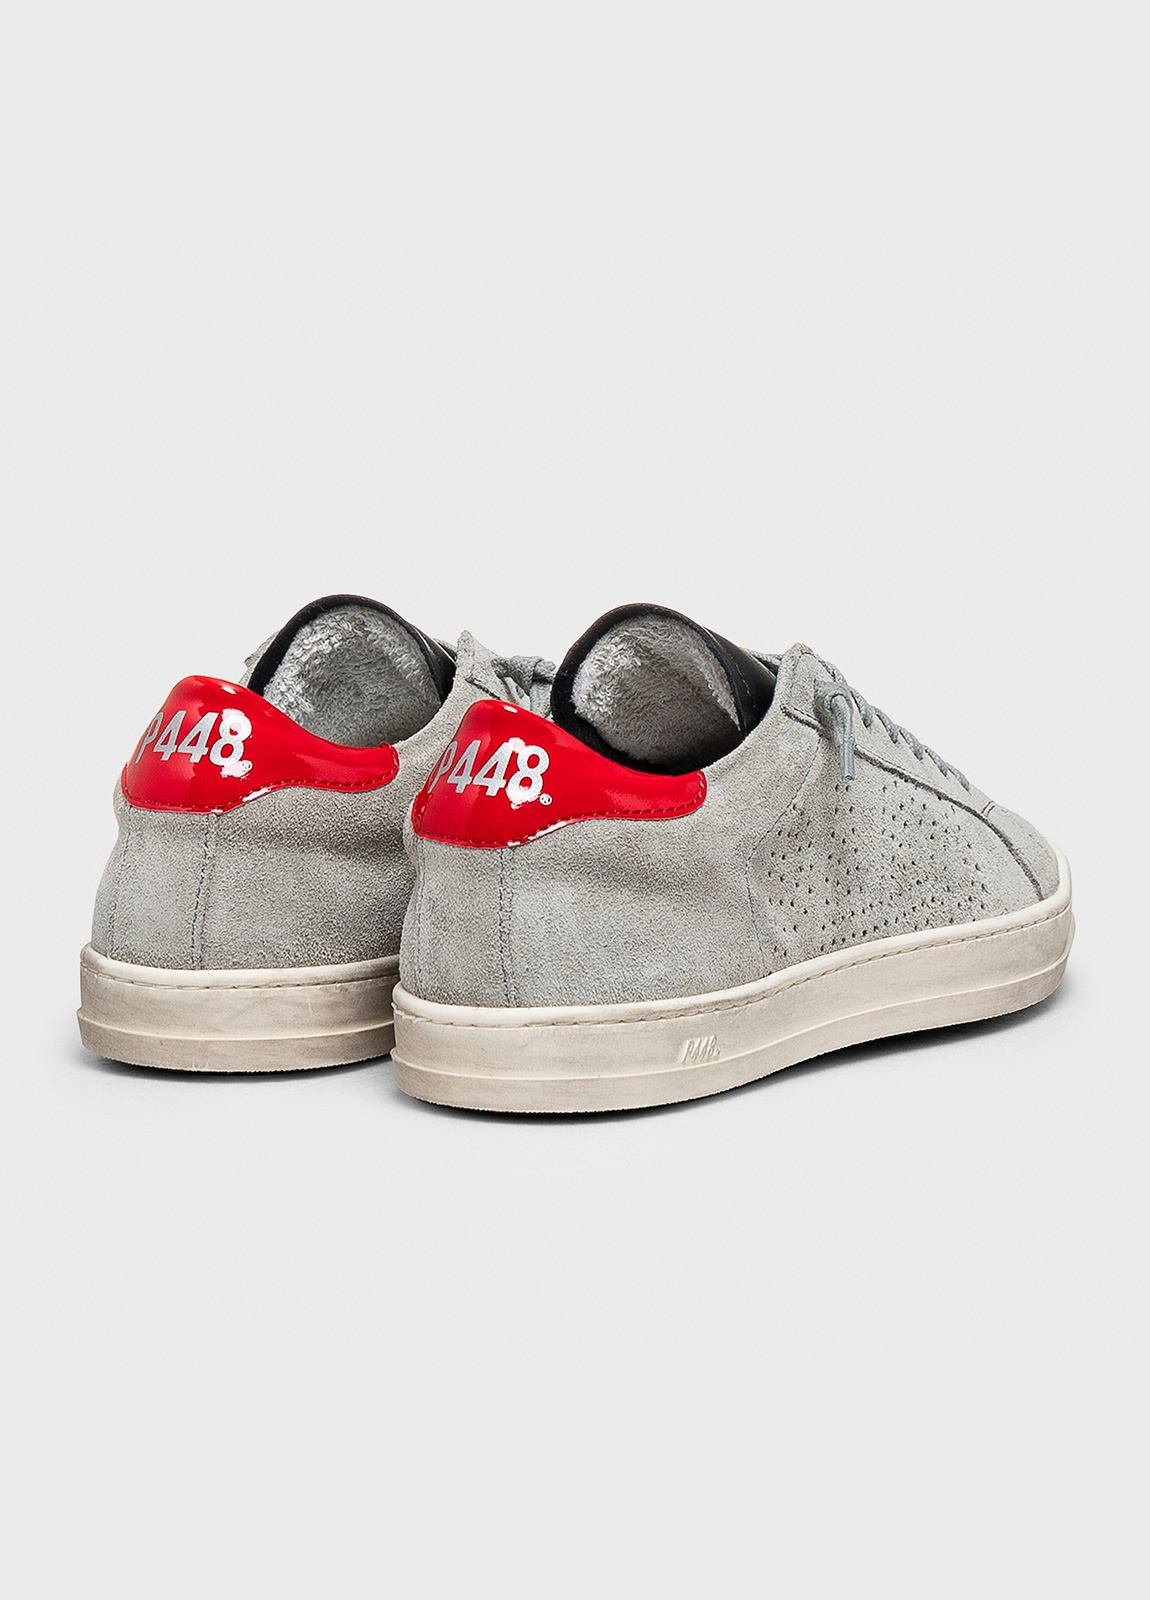 Calzado sport modelo JOHN color gris. Serraje. - Ítem2